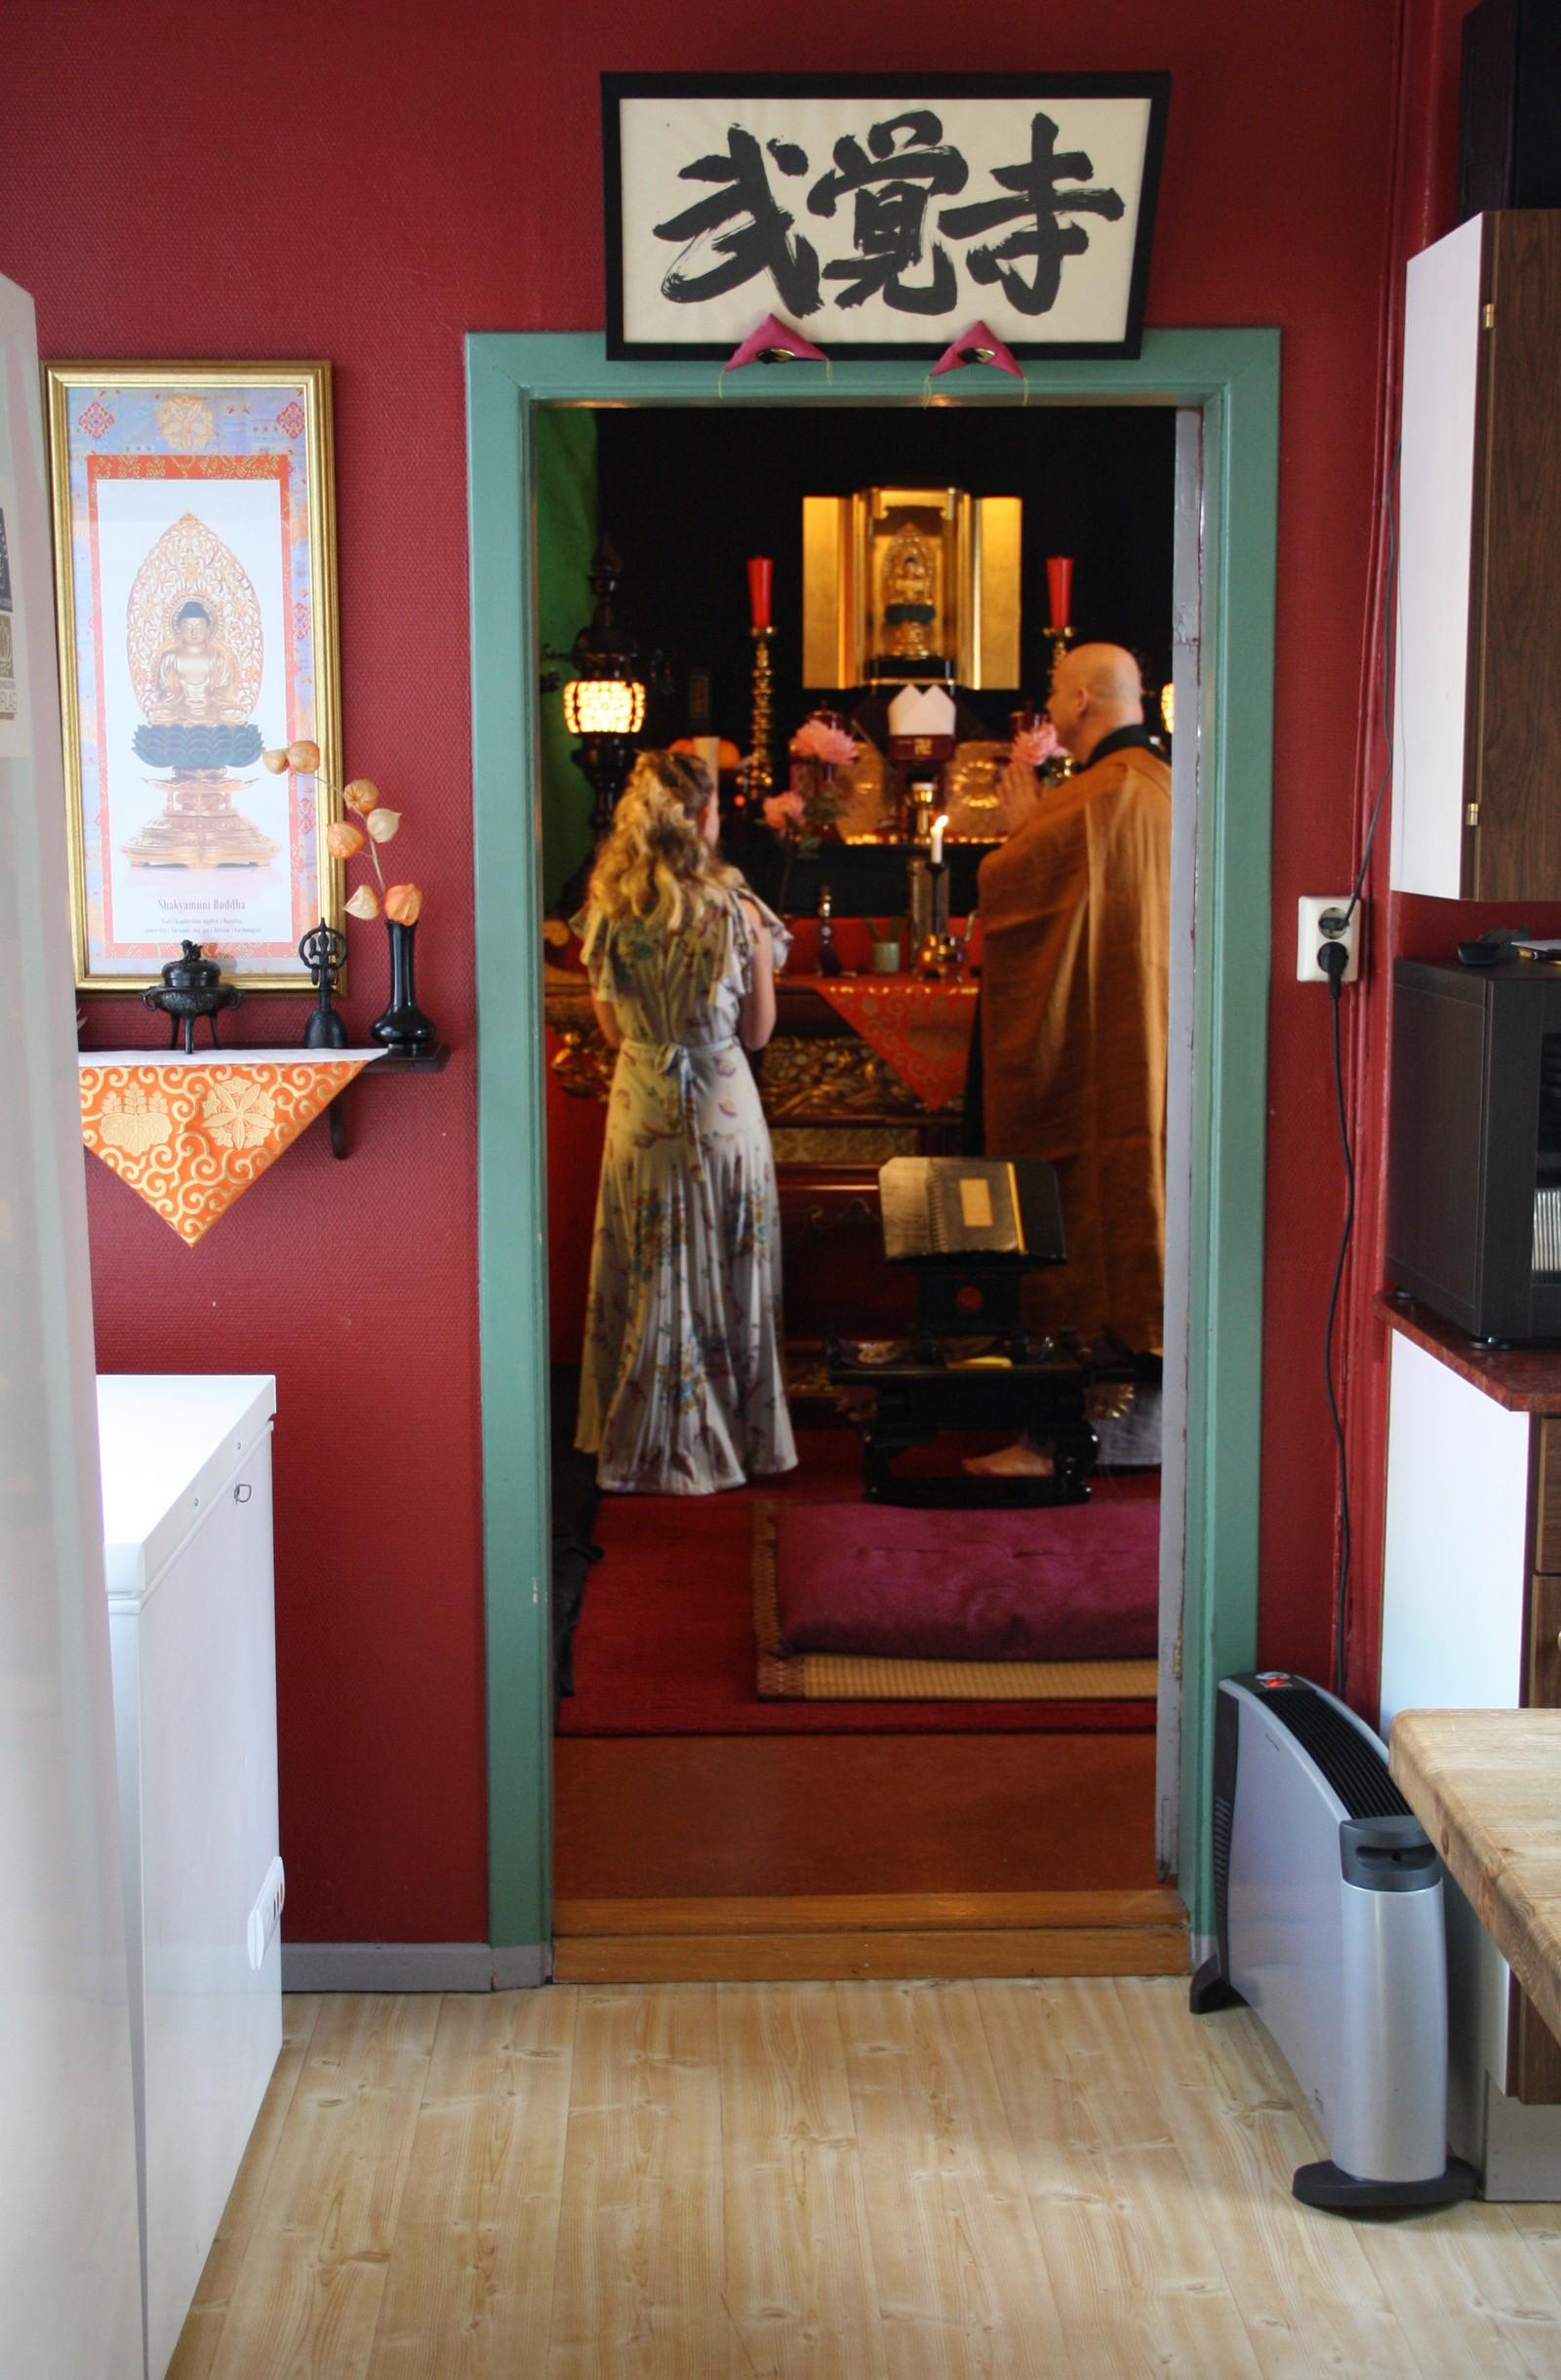 I dette rommet innenfor kjøkkenet hjemme hos Såzen Larsen Kusano ligger Den norske sotozen buddhistordens tempel. Det er her Thea skal konfirmere seg.